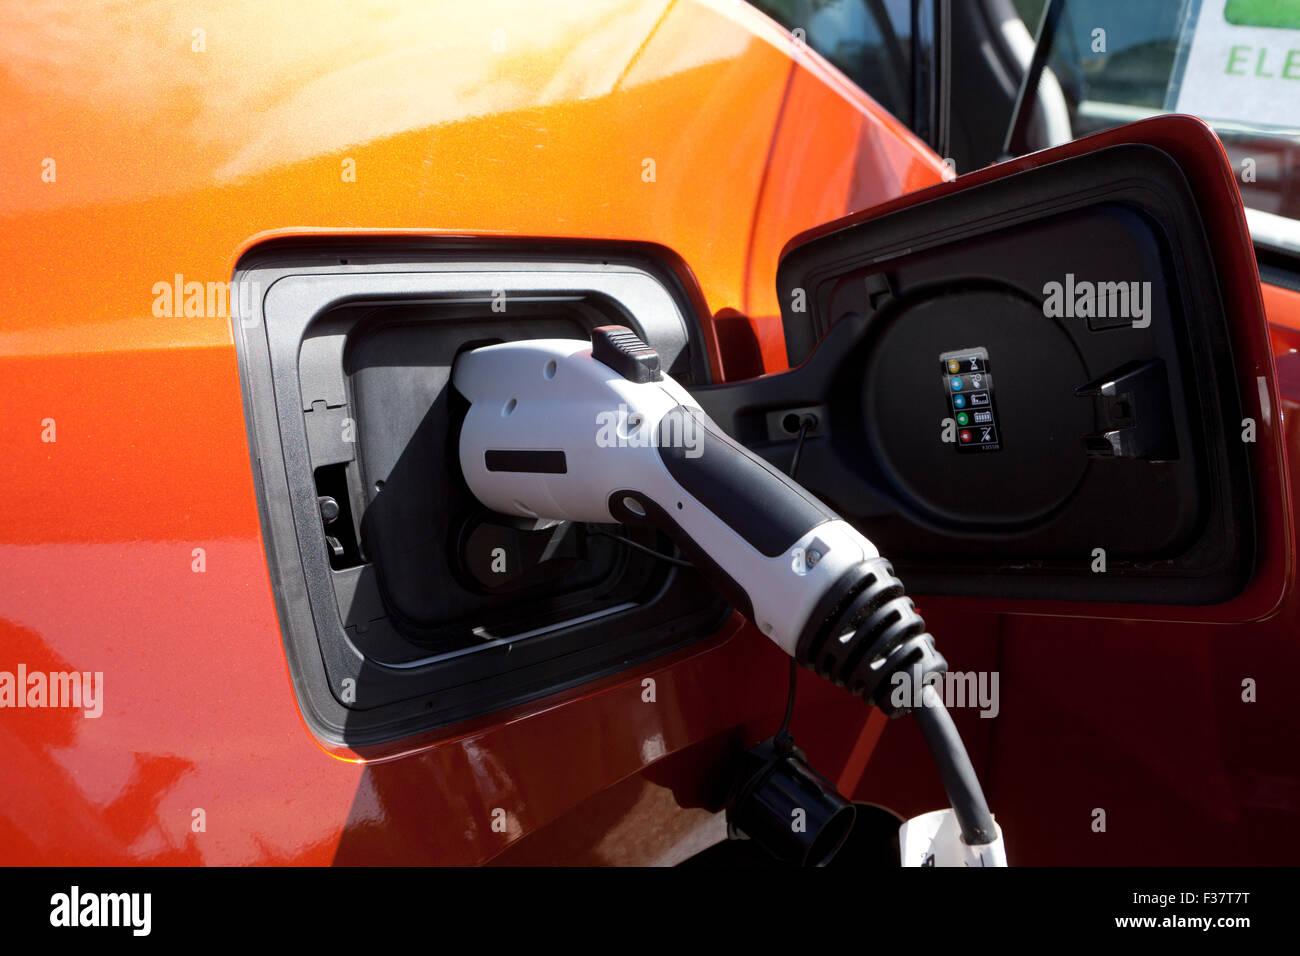 Auto elettrica in carica - USA Immagini Stock